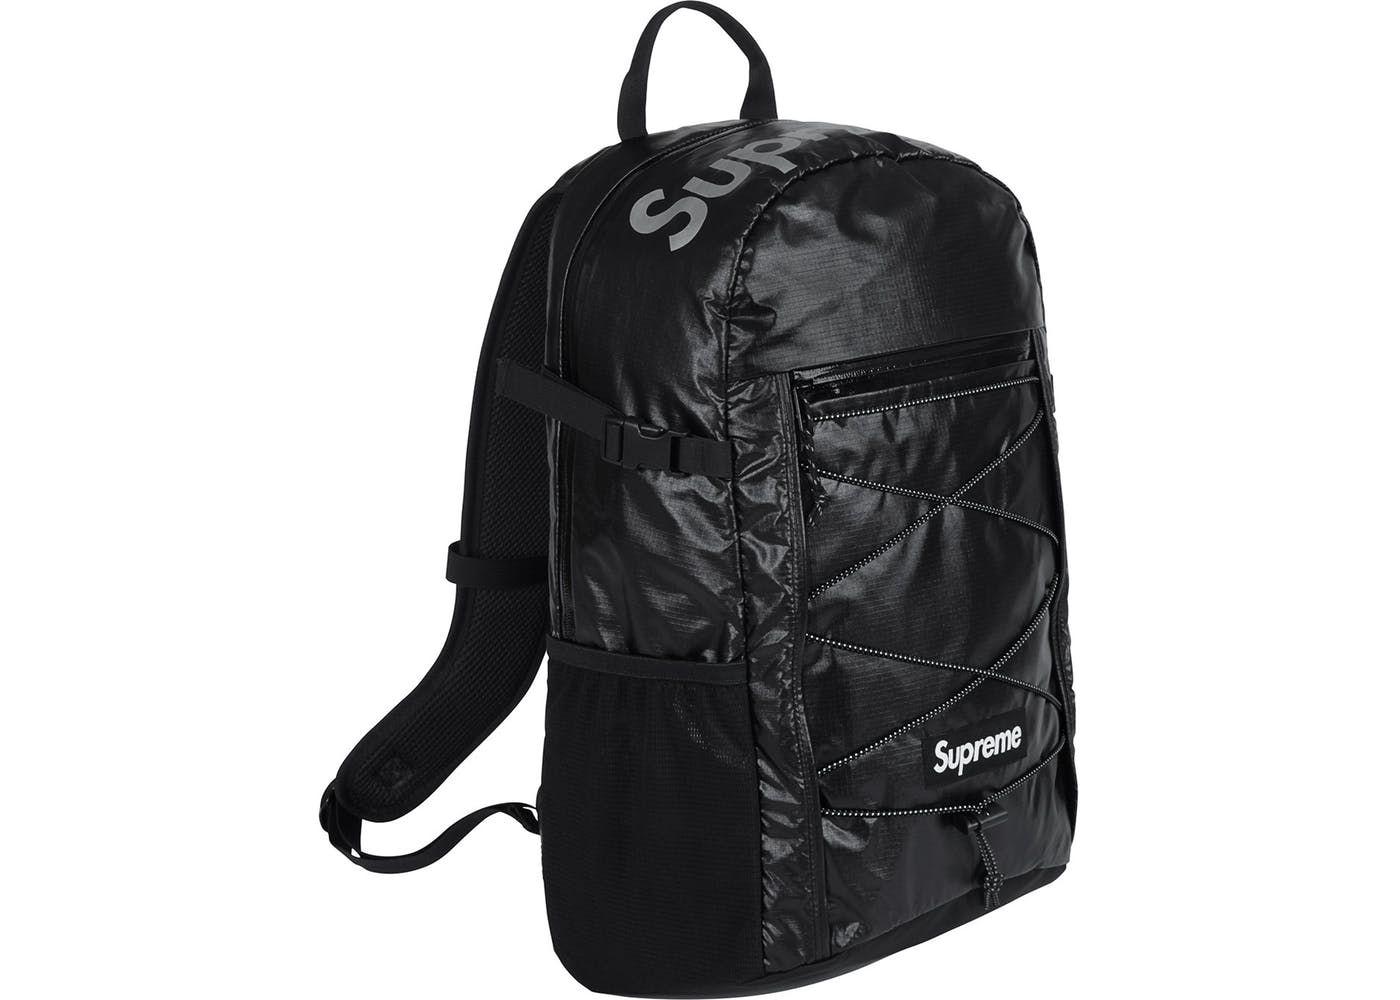 b48354de Supreme FW17 Backpack Black in 2019 | supreme | Supreme backpack ...